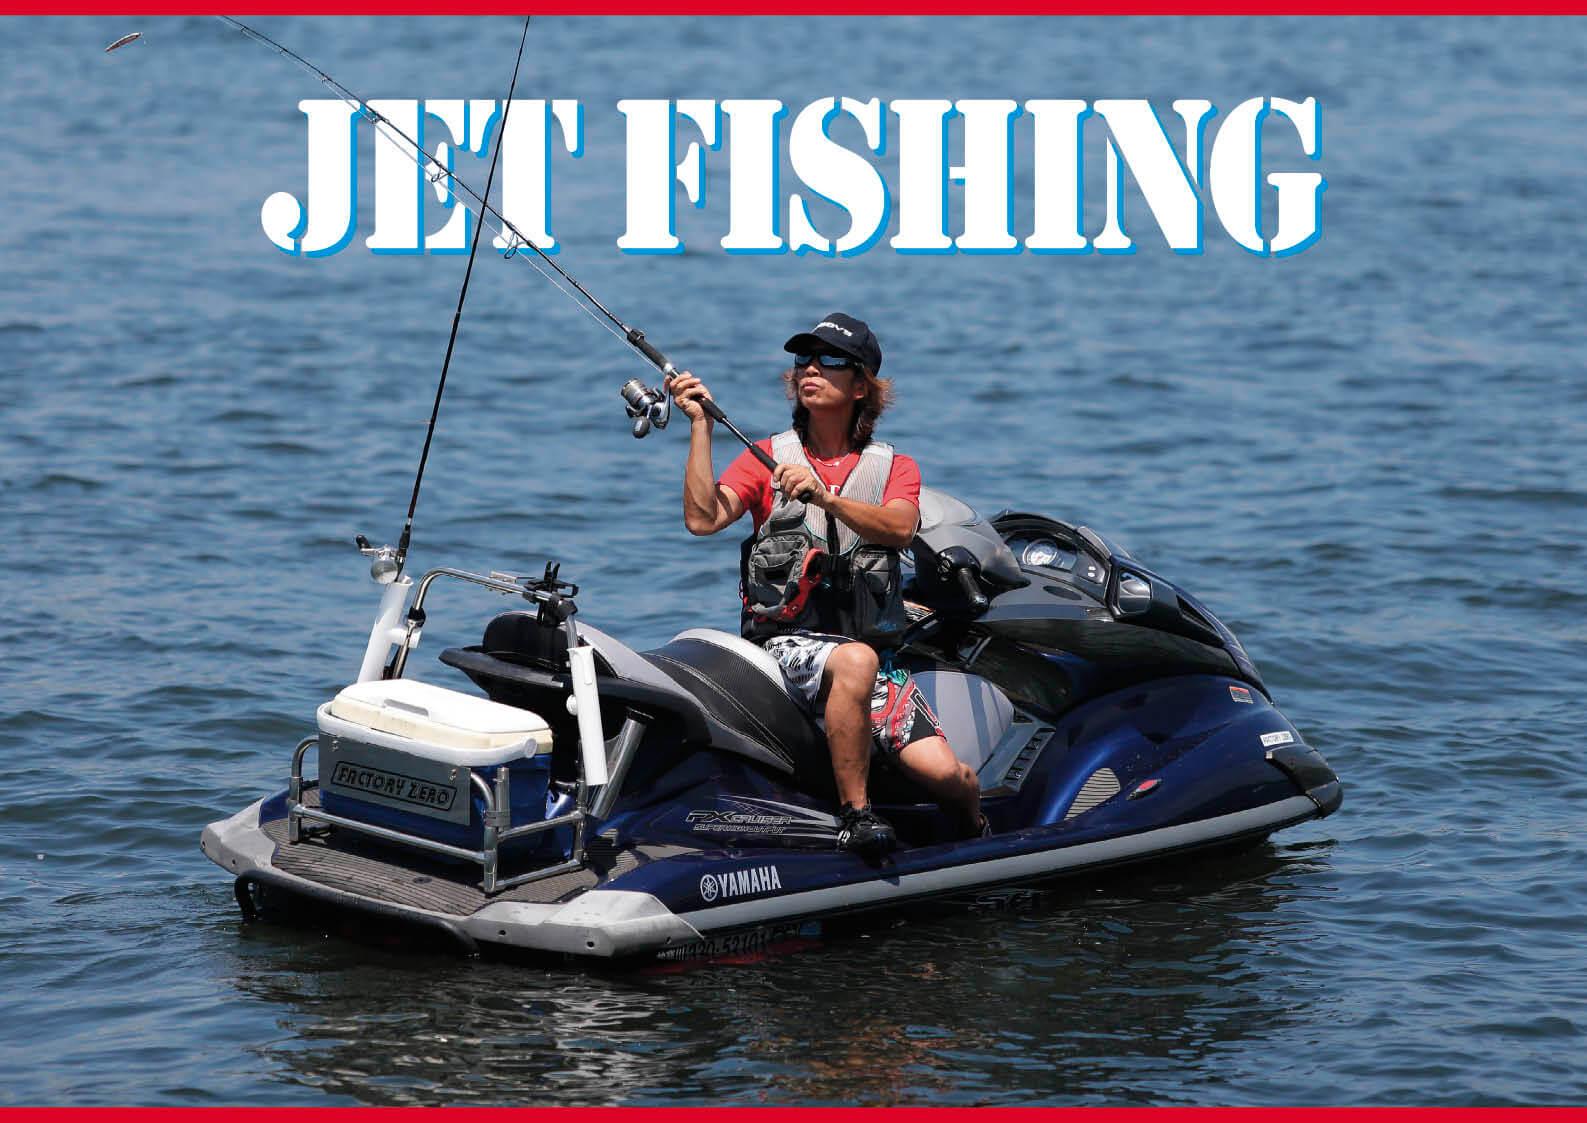 ジェットフィッシング 超簡単に取り付けられる!「釣り師」の必需品 ジェットスキー(水上バイク)